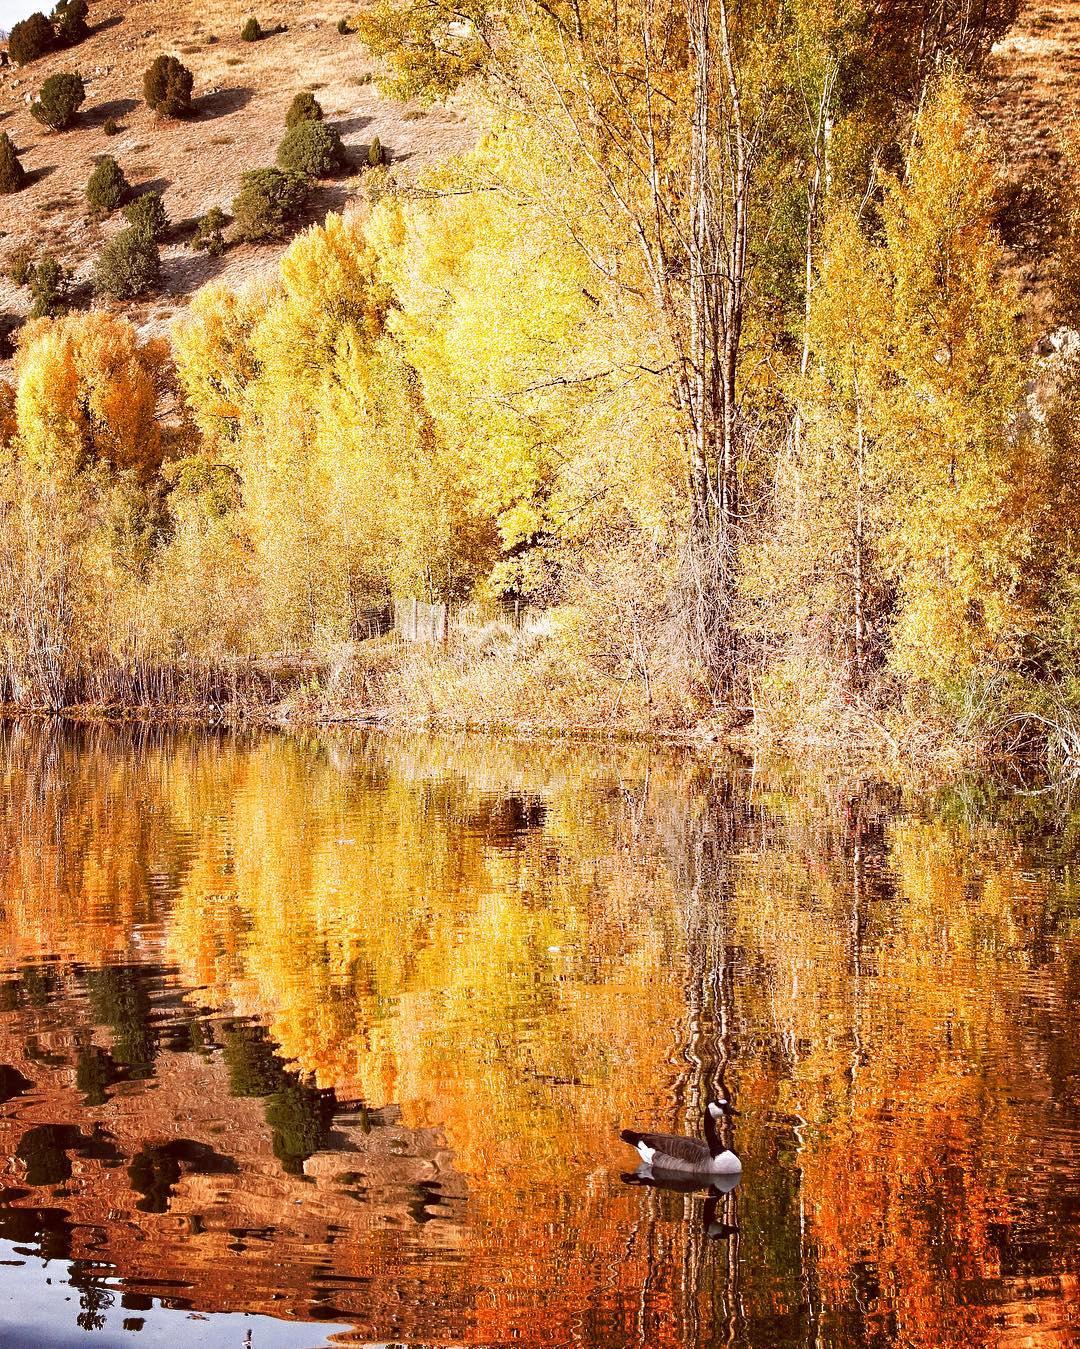 Fall in Jackson Hole be like